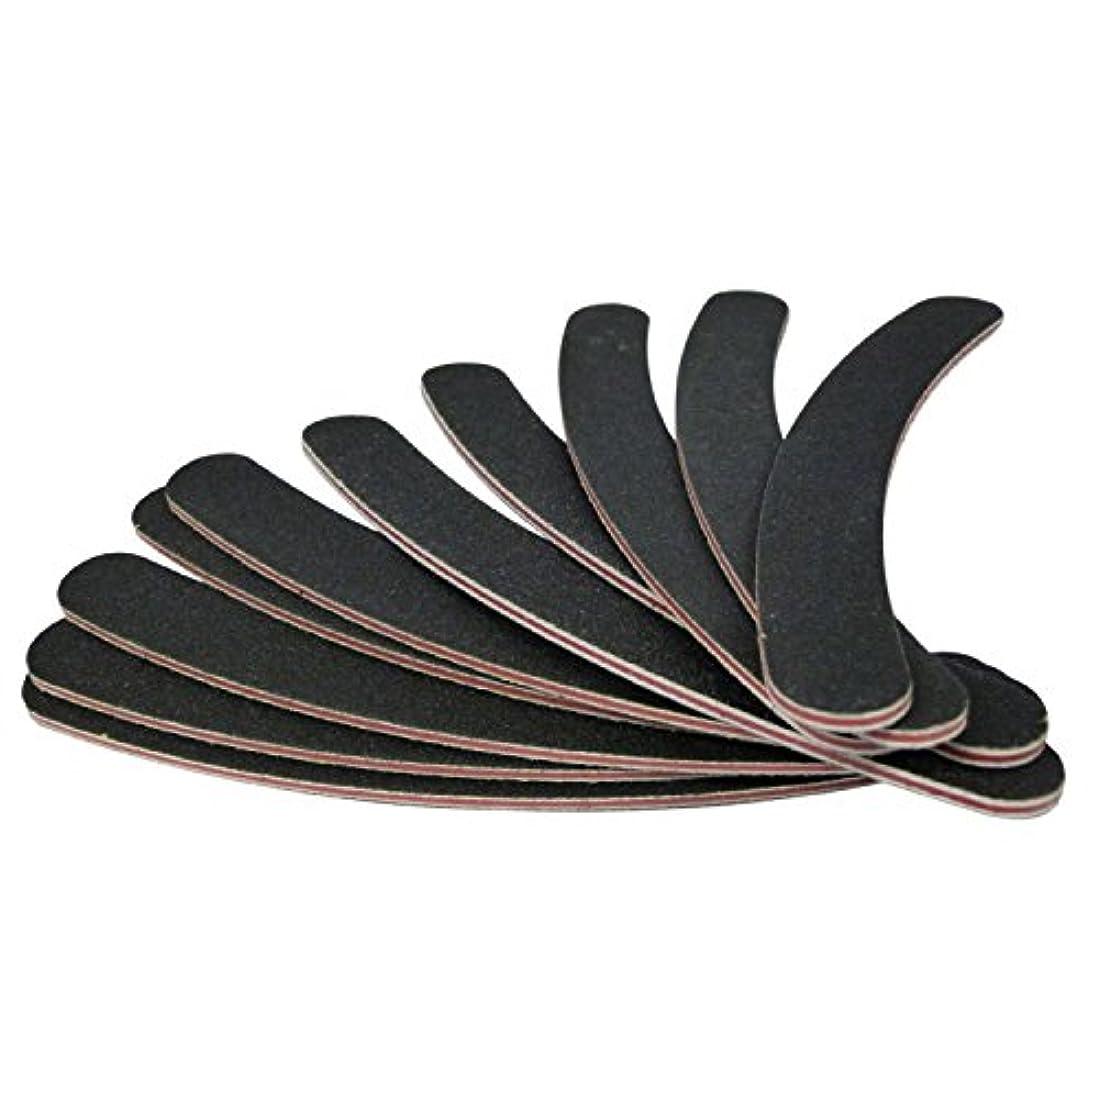 ずるい不確実トークンGespout 爪やすり 爪磨き 滑らか仕上げ ネイルシャイナー ネイルケア用品 ピカピカ ネイルケア 紙 人気 10本セット ブラック